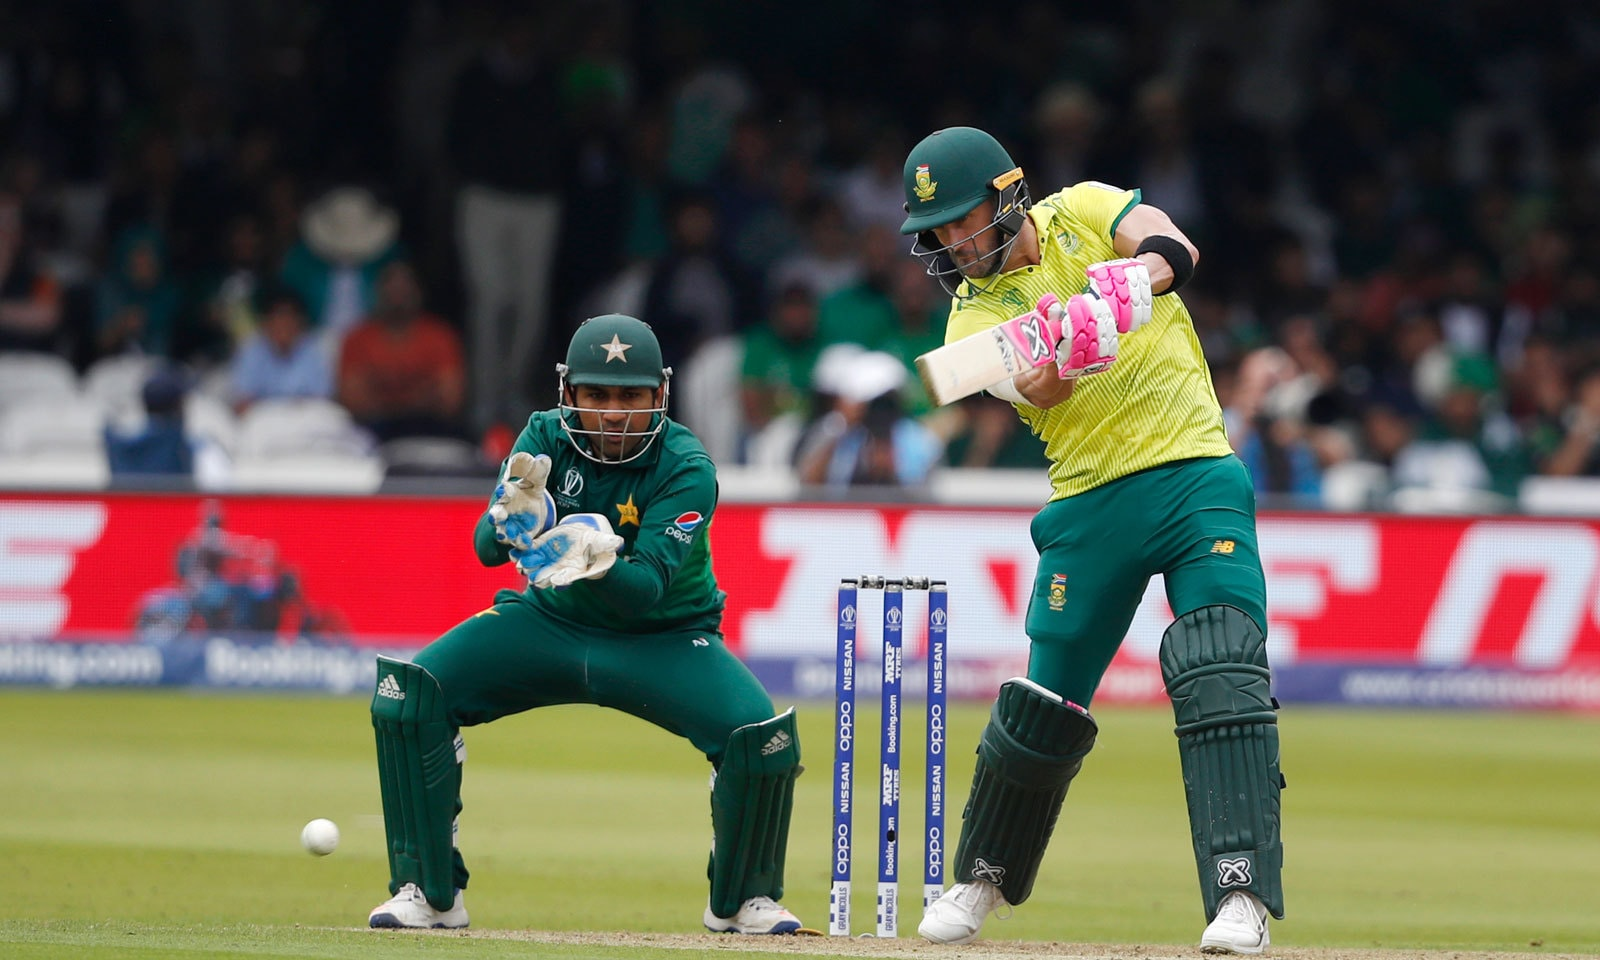 جنوبی افریقہ کے کپتان فاف ڈیو پلیسی نے 63رنز کی اننگز کھیلی— فوٹو: اے پی